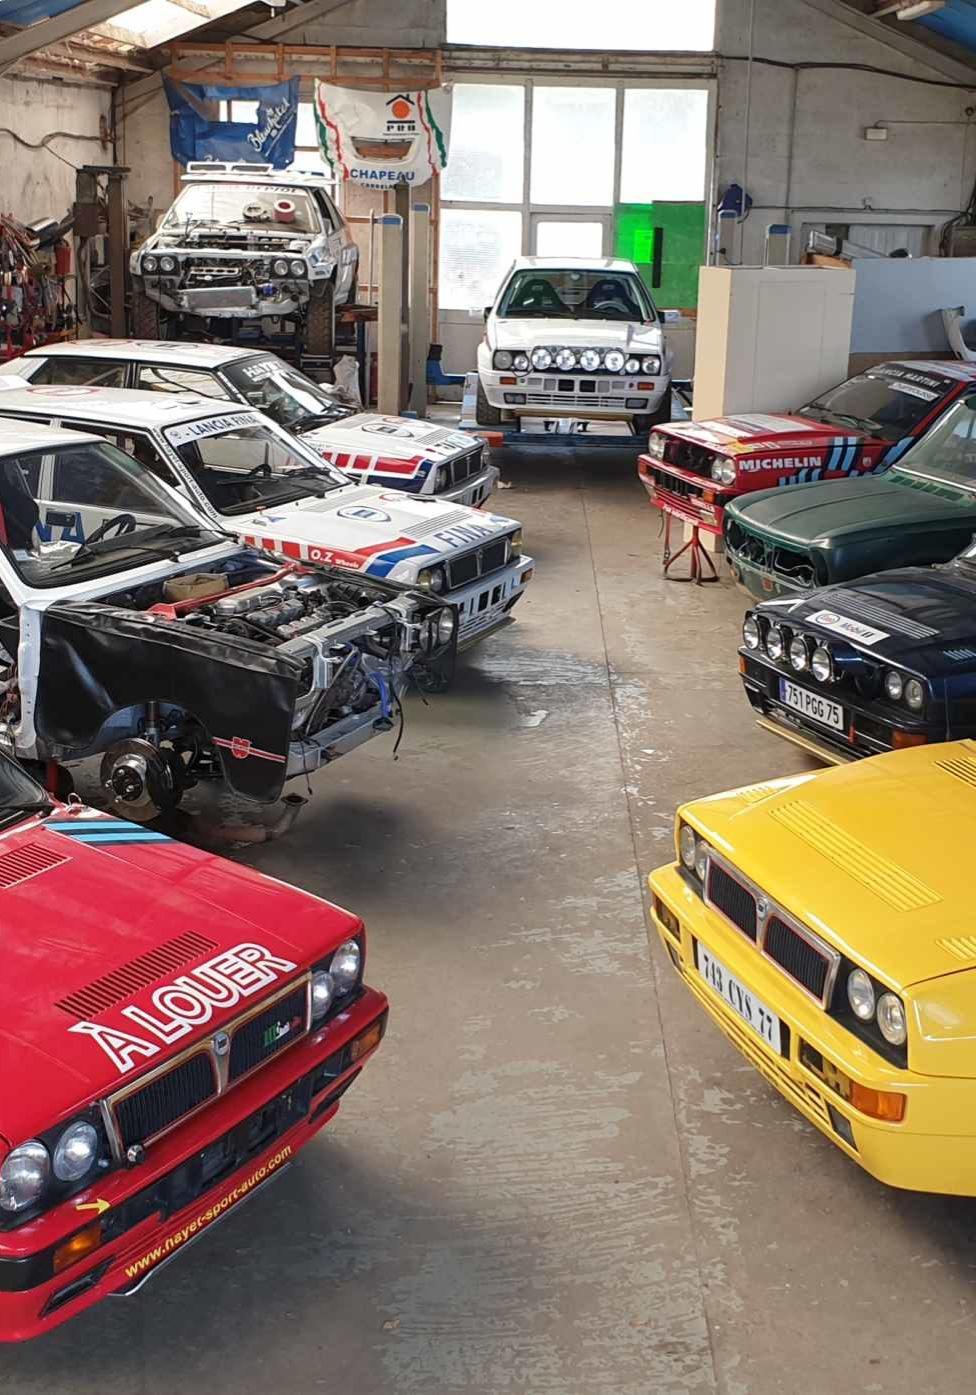 Préparation d'auto pour rallyes à Cognac